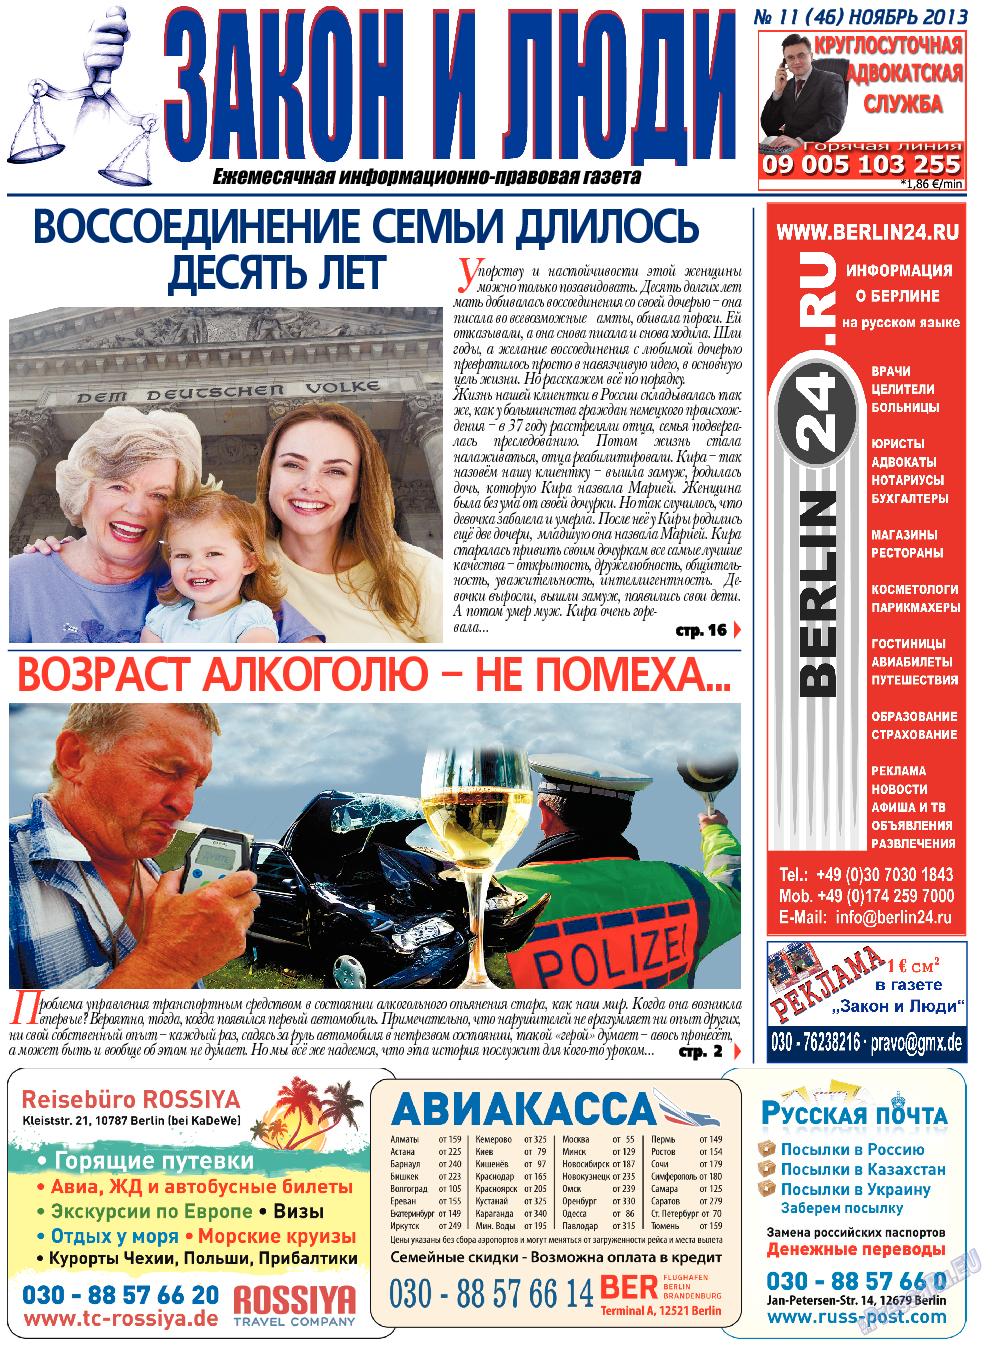 Закон и люди (газета). 2013 год, номер 11, стр. 1